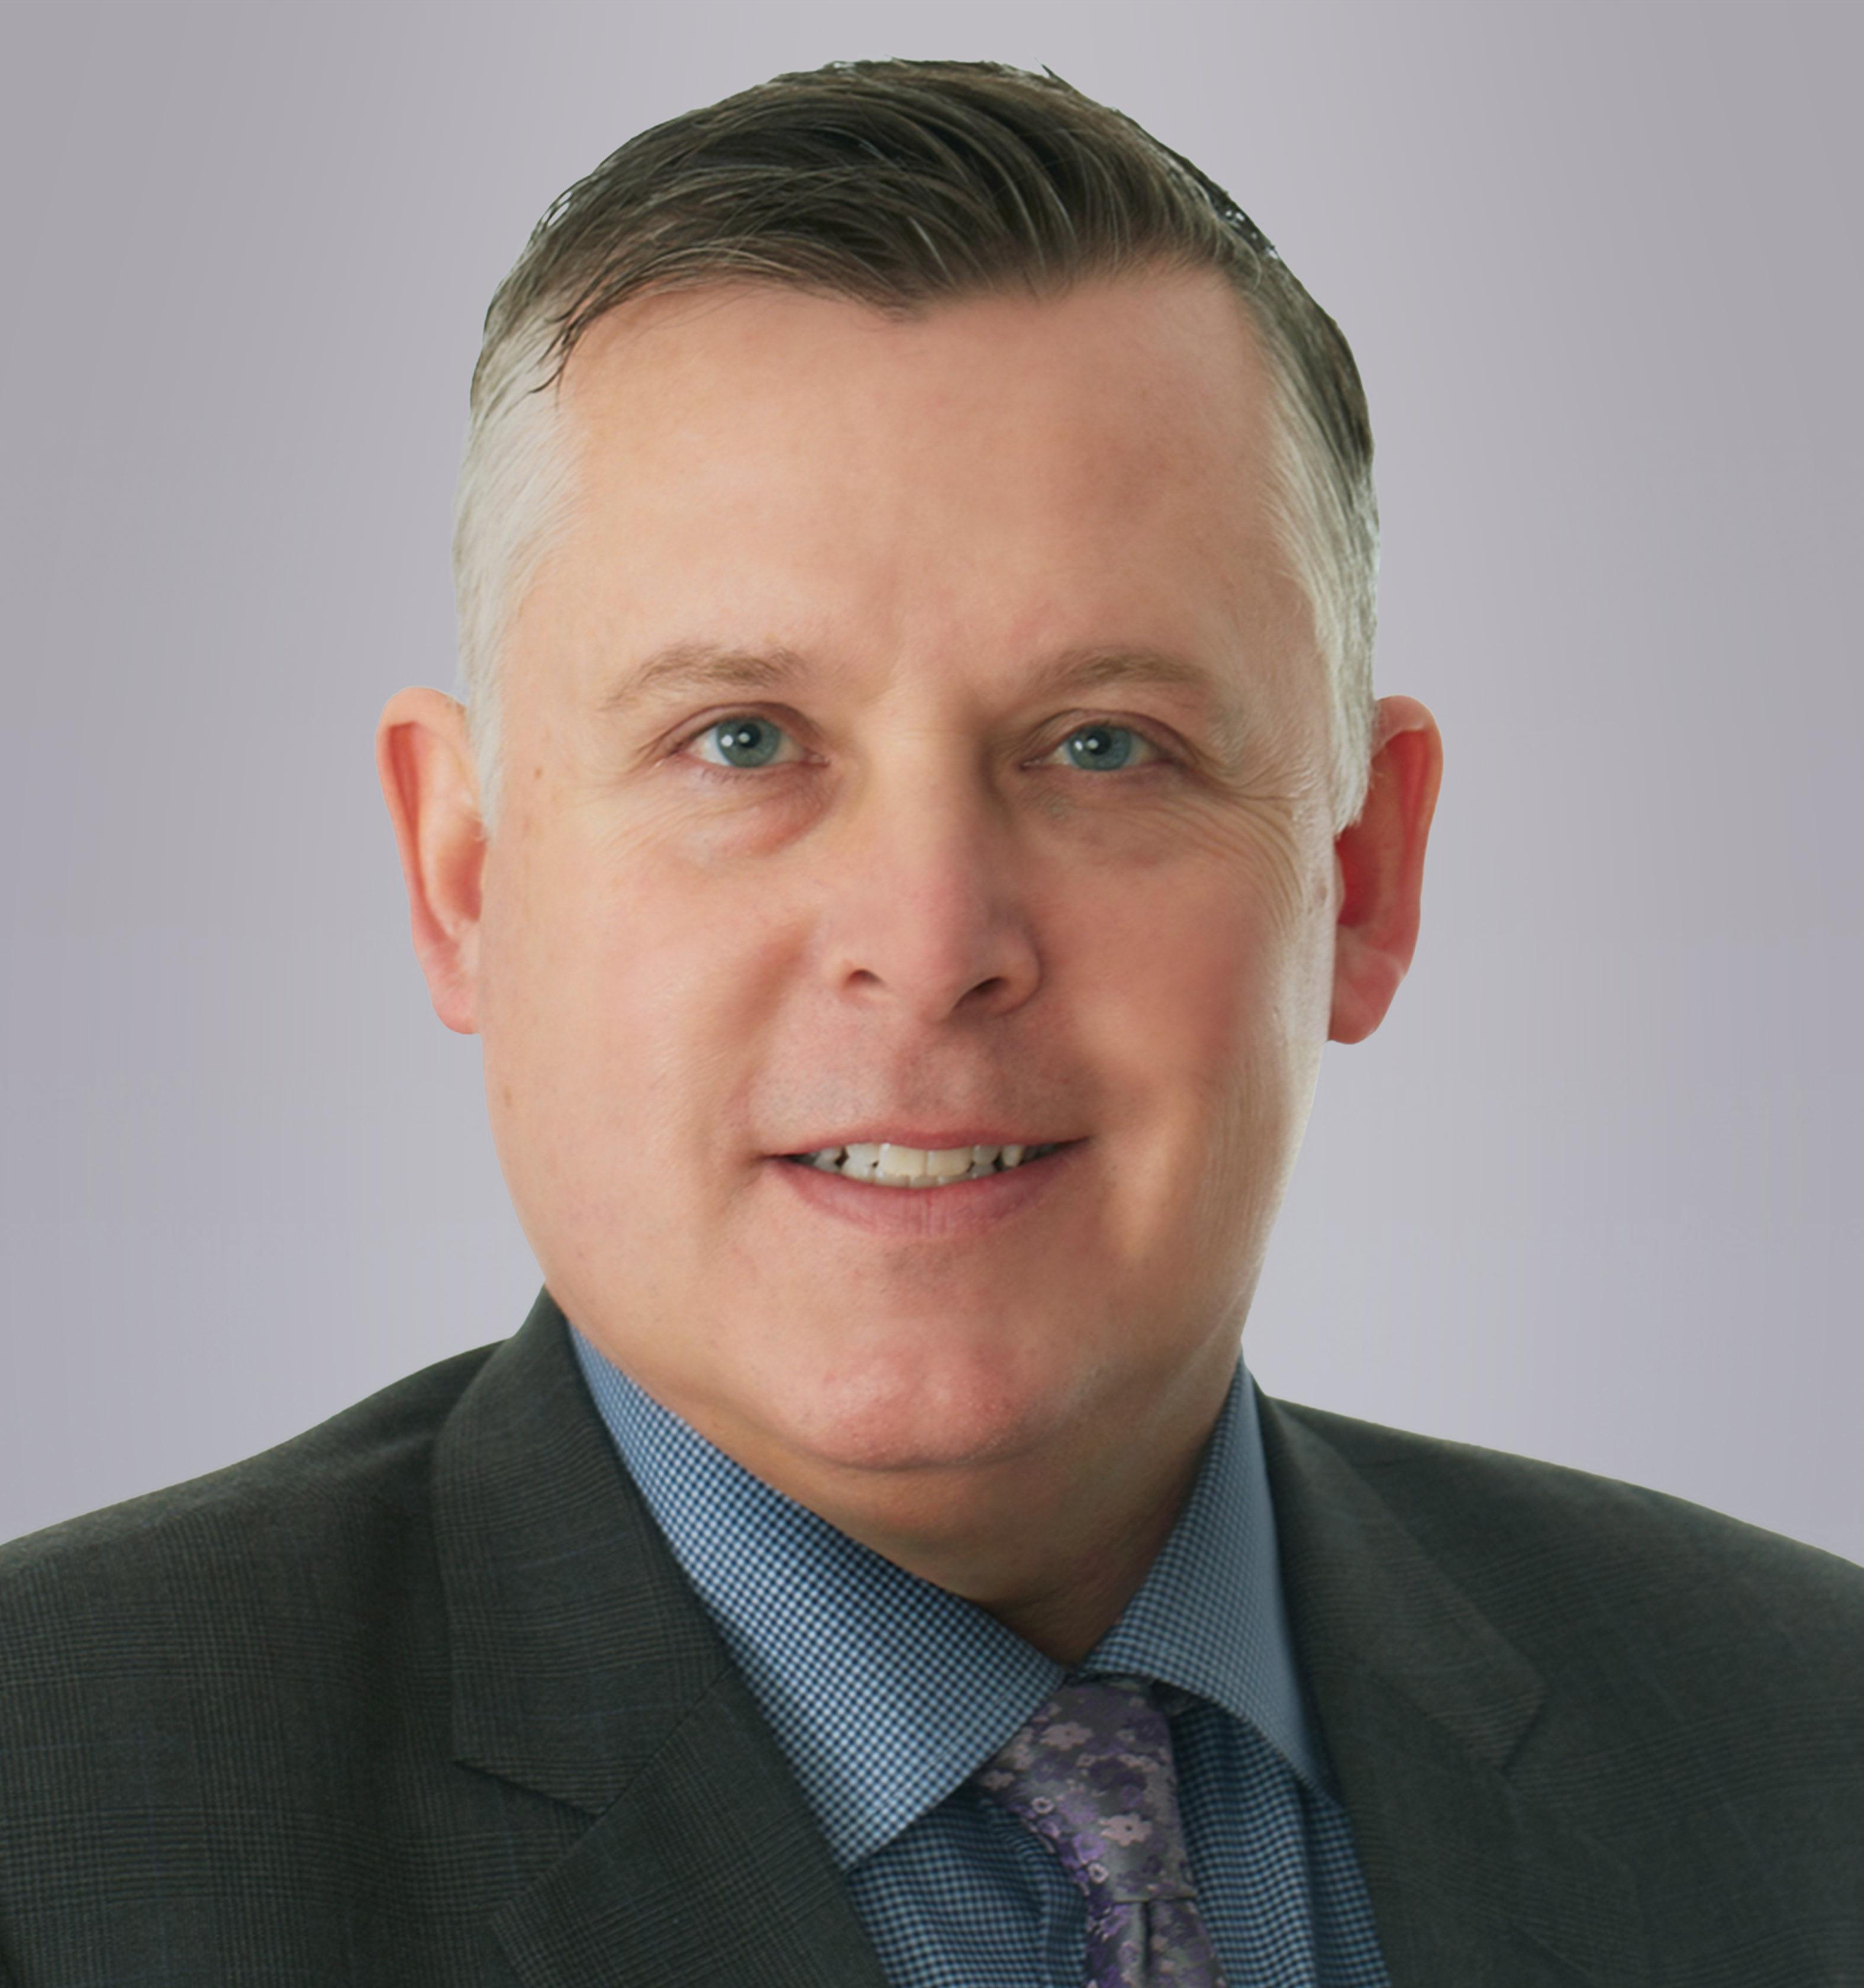 John Frederickson